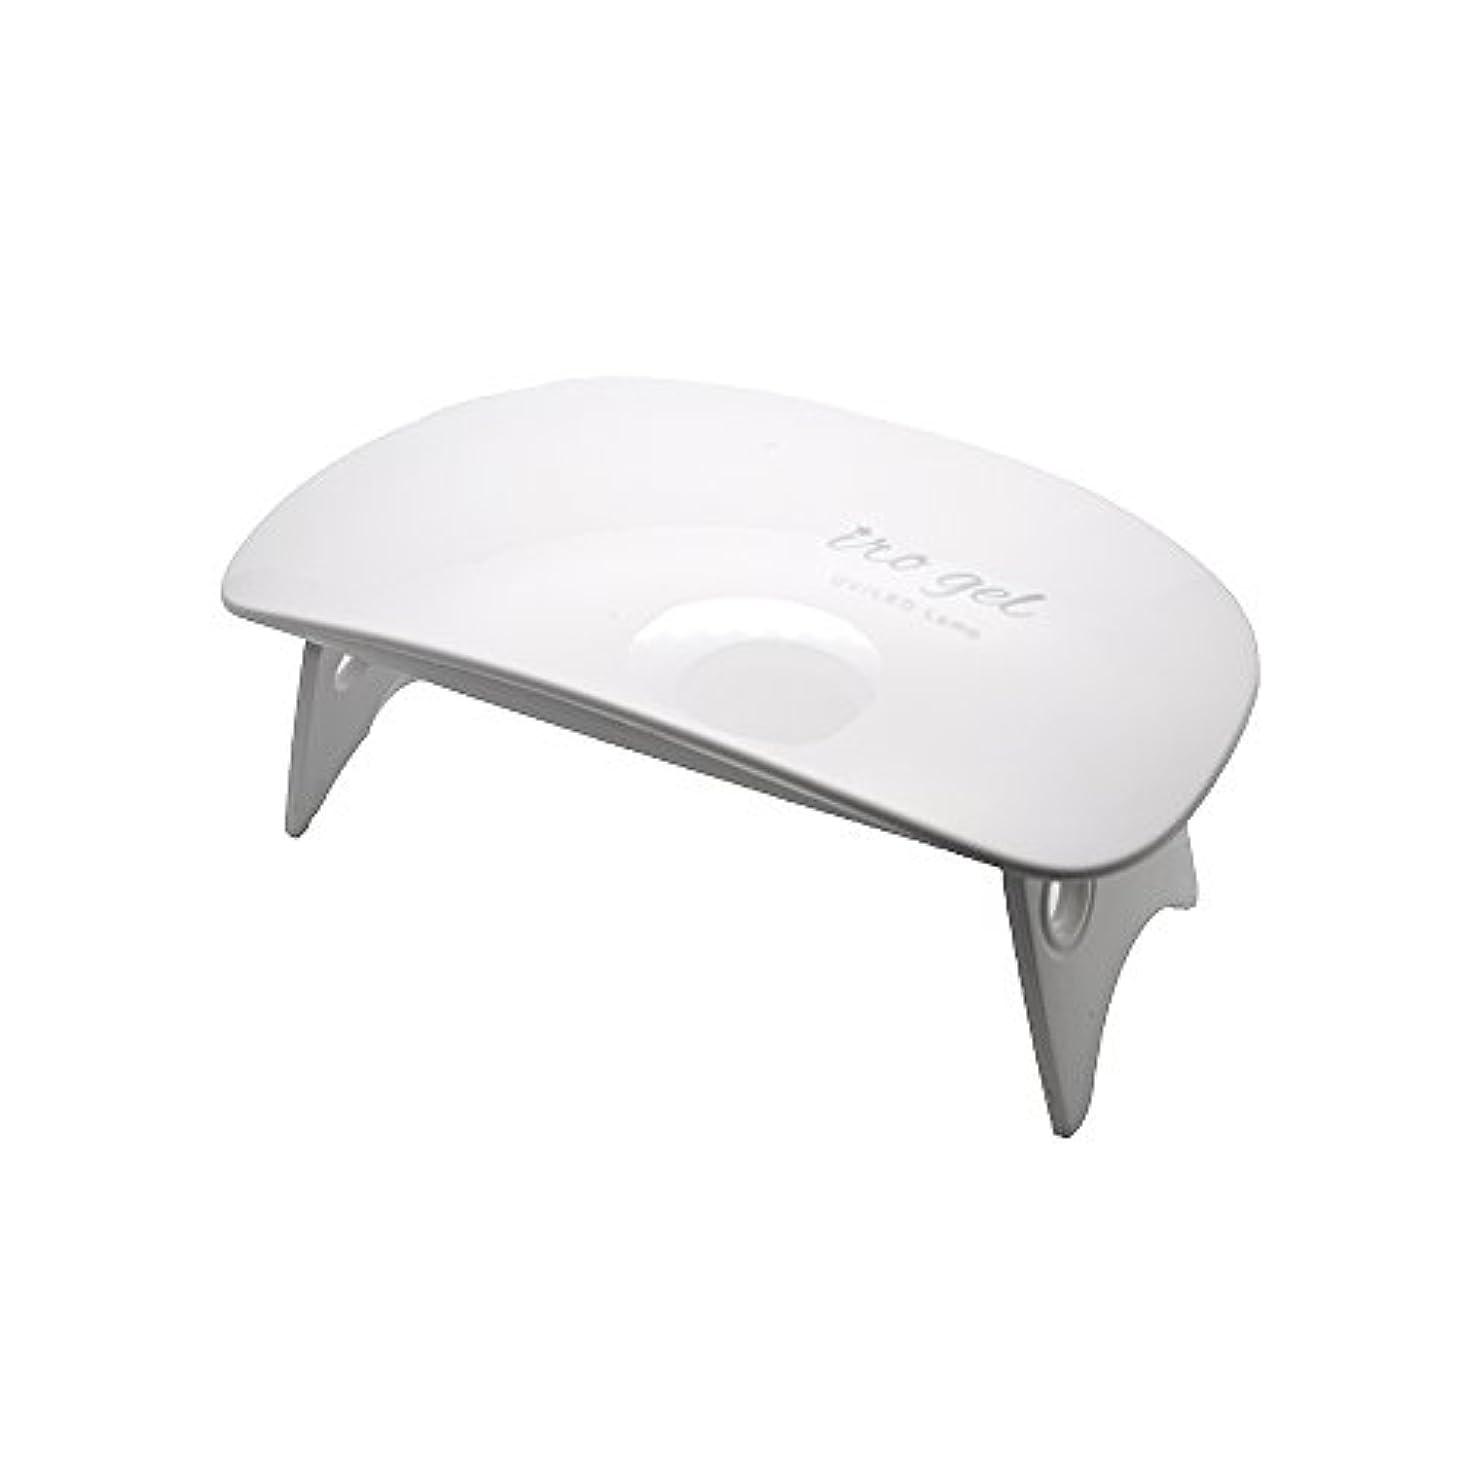 体現するより平らな新着irogel イロジェル 6W UV LED ネイルドライヤー ライトミニ UVライト LEDライト UVレジン もOK USB専用